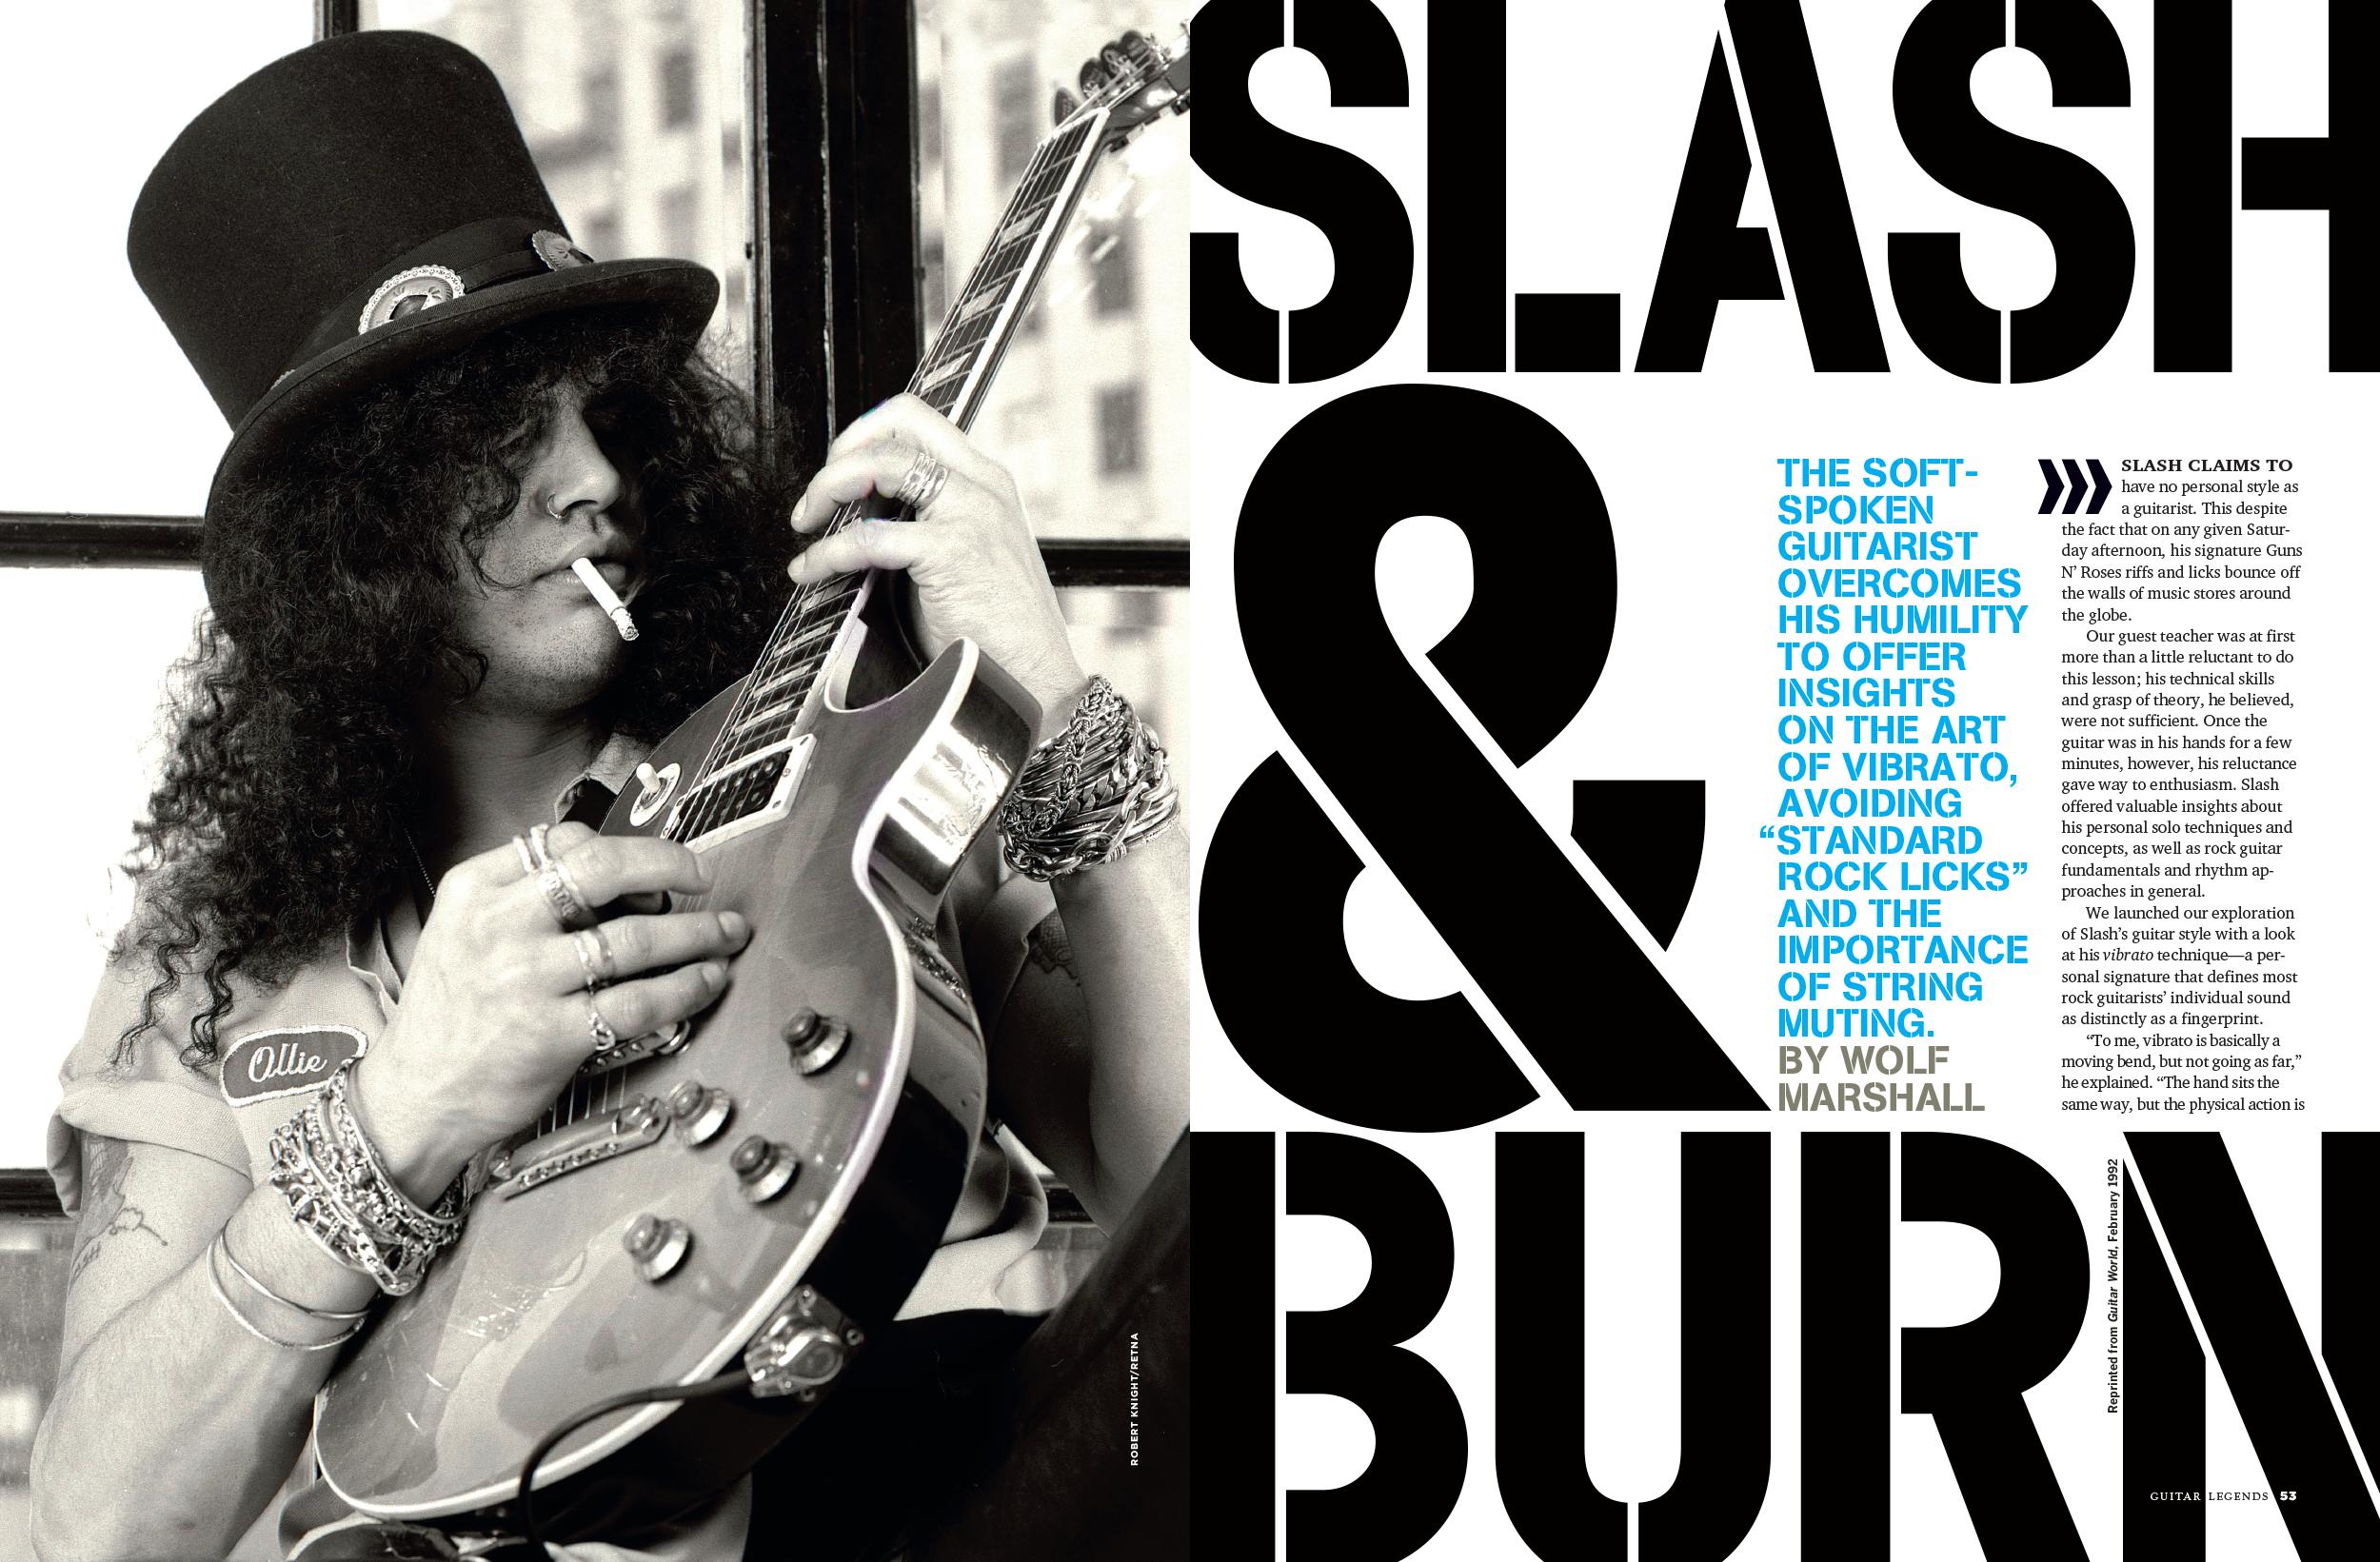 01_03_07 Slash and Burn_LARGE.png